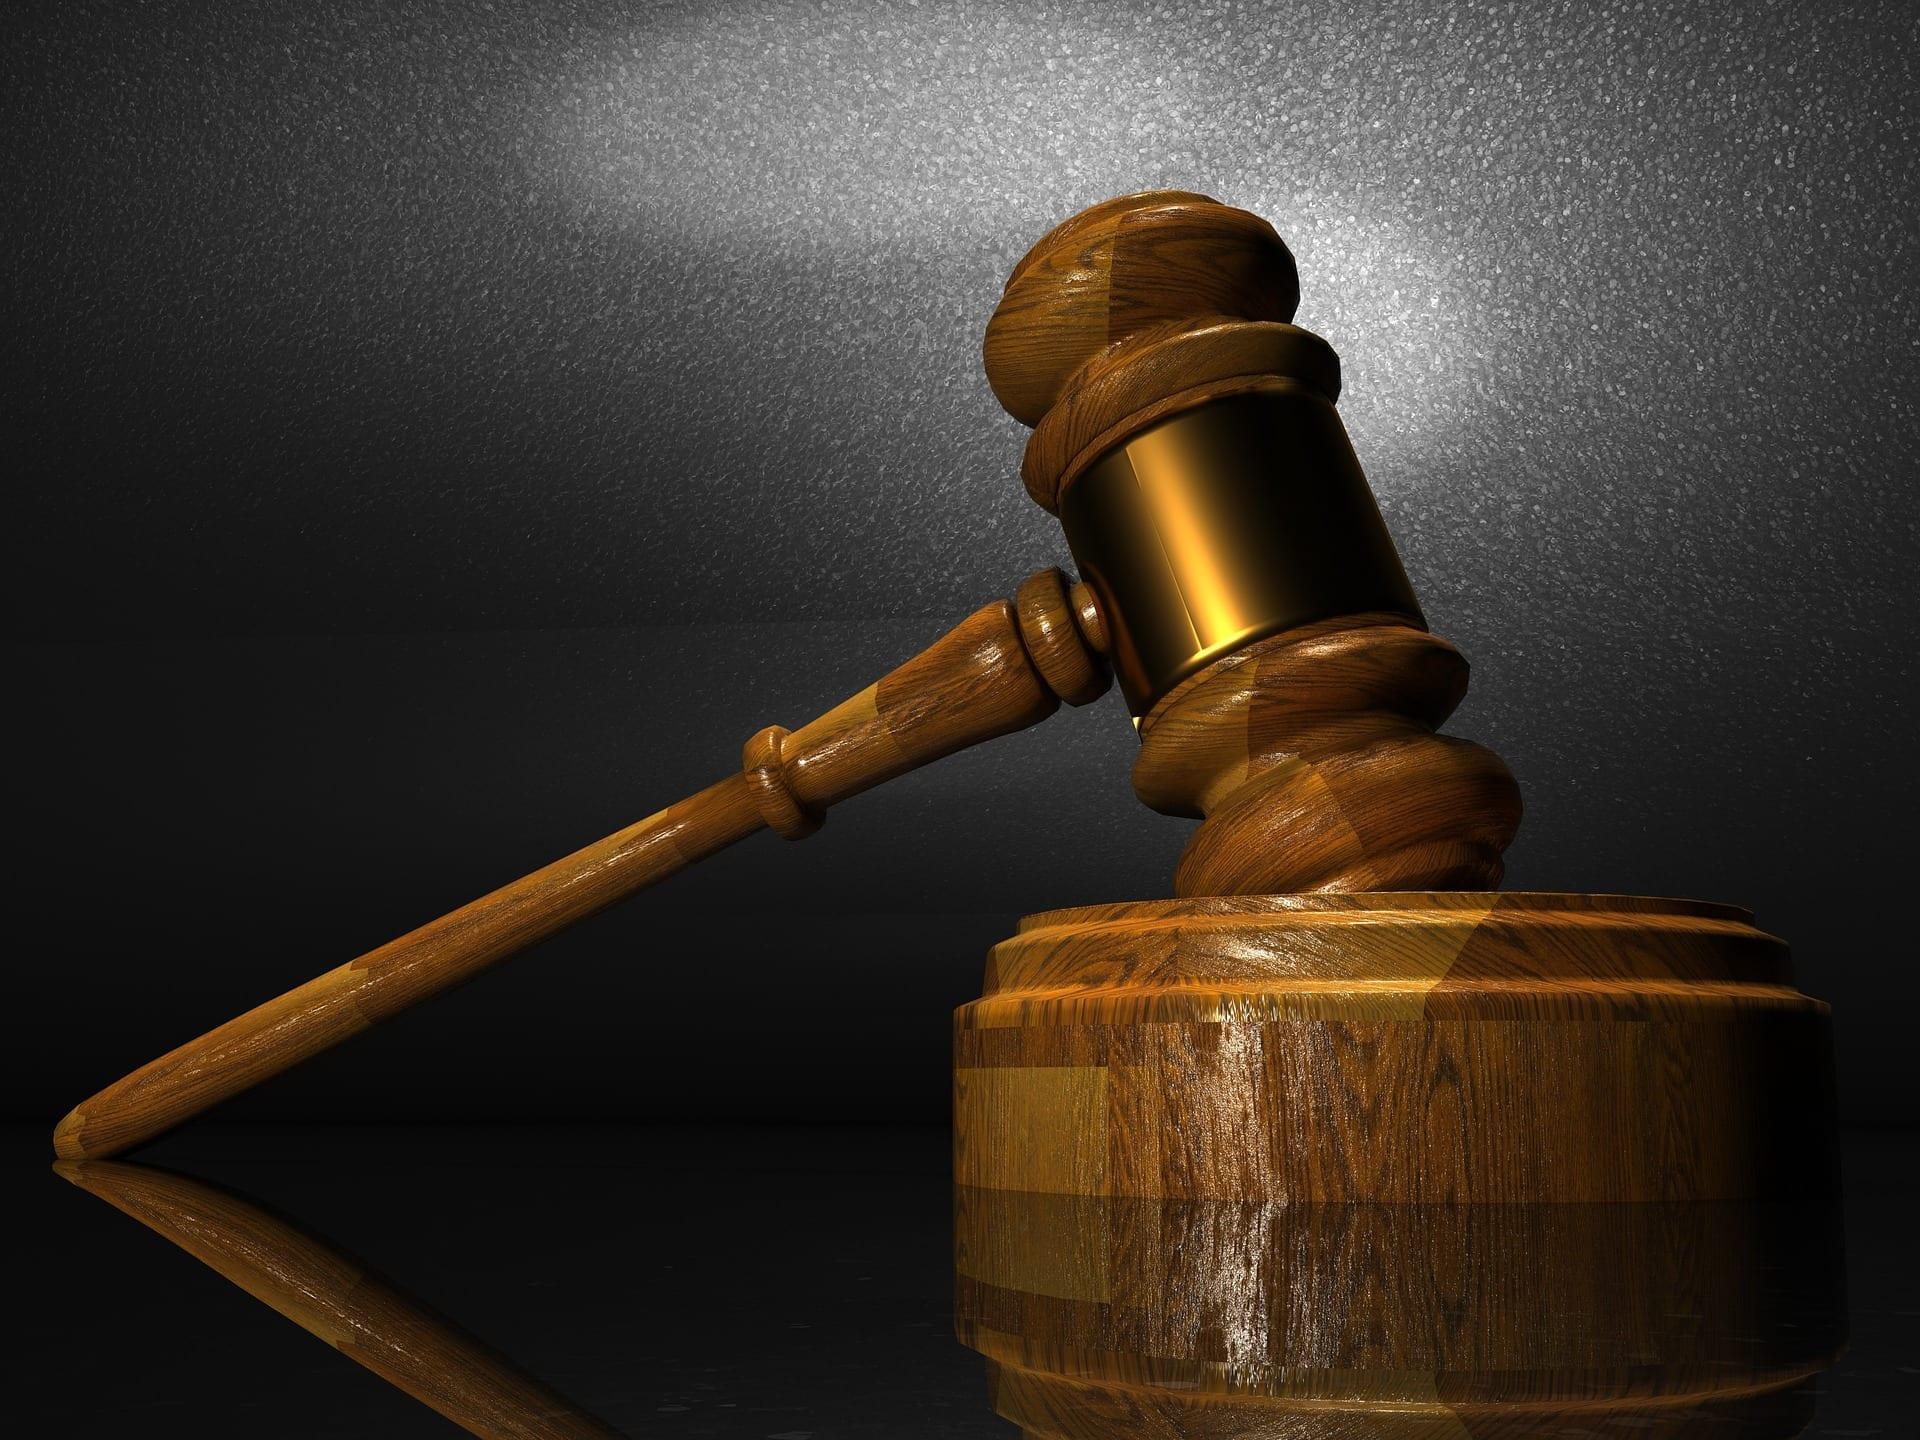 law 1063249 1920 - Rechtsschutzversicherung vor Berufsunfähigkeitsversicherung abschließen?